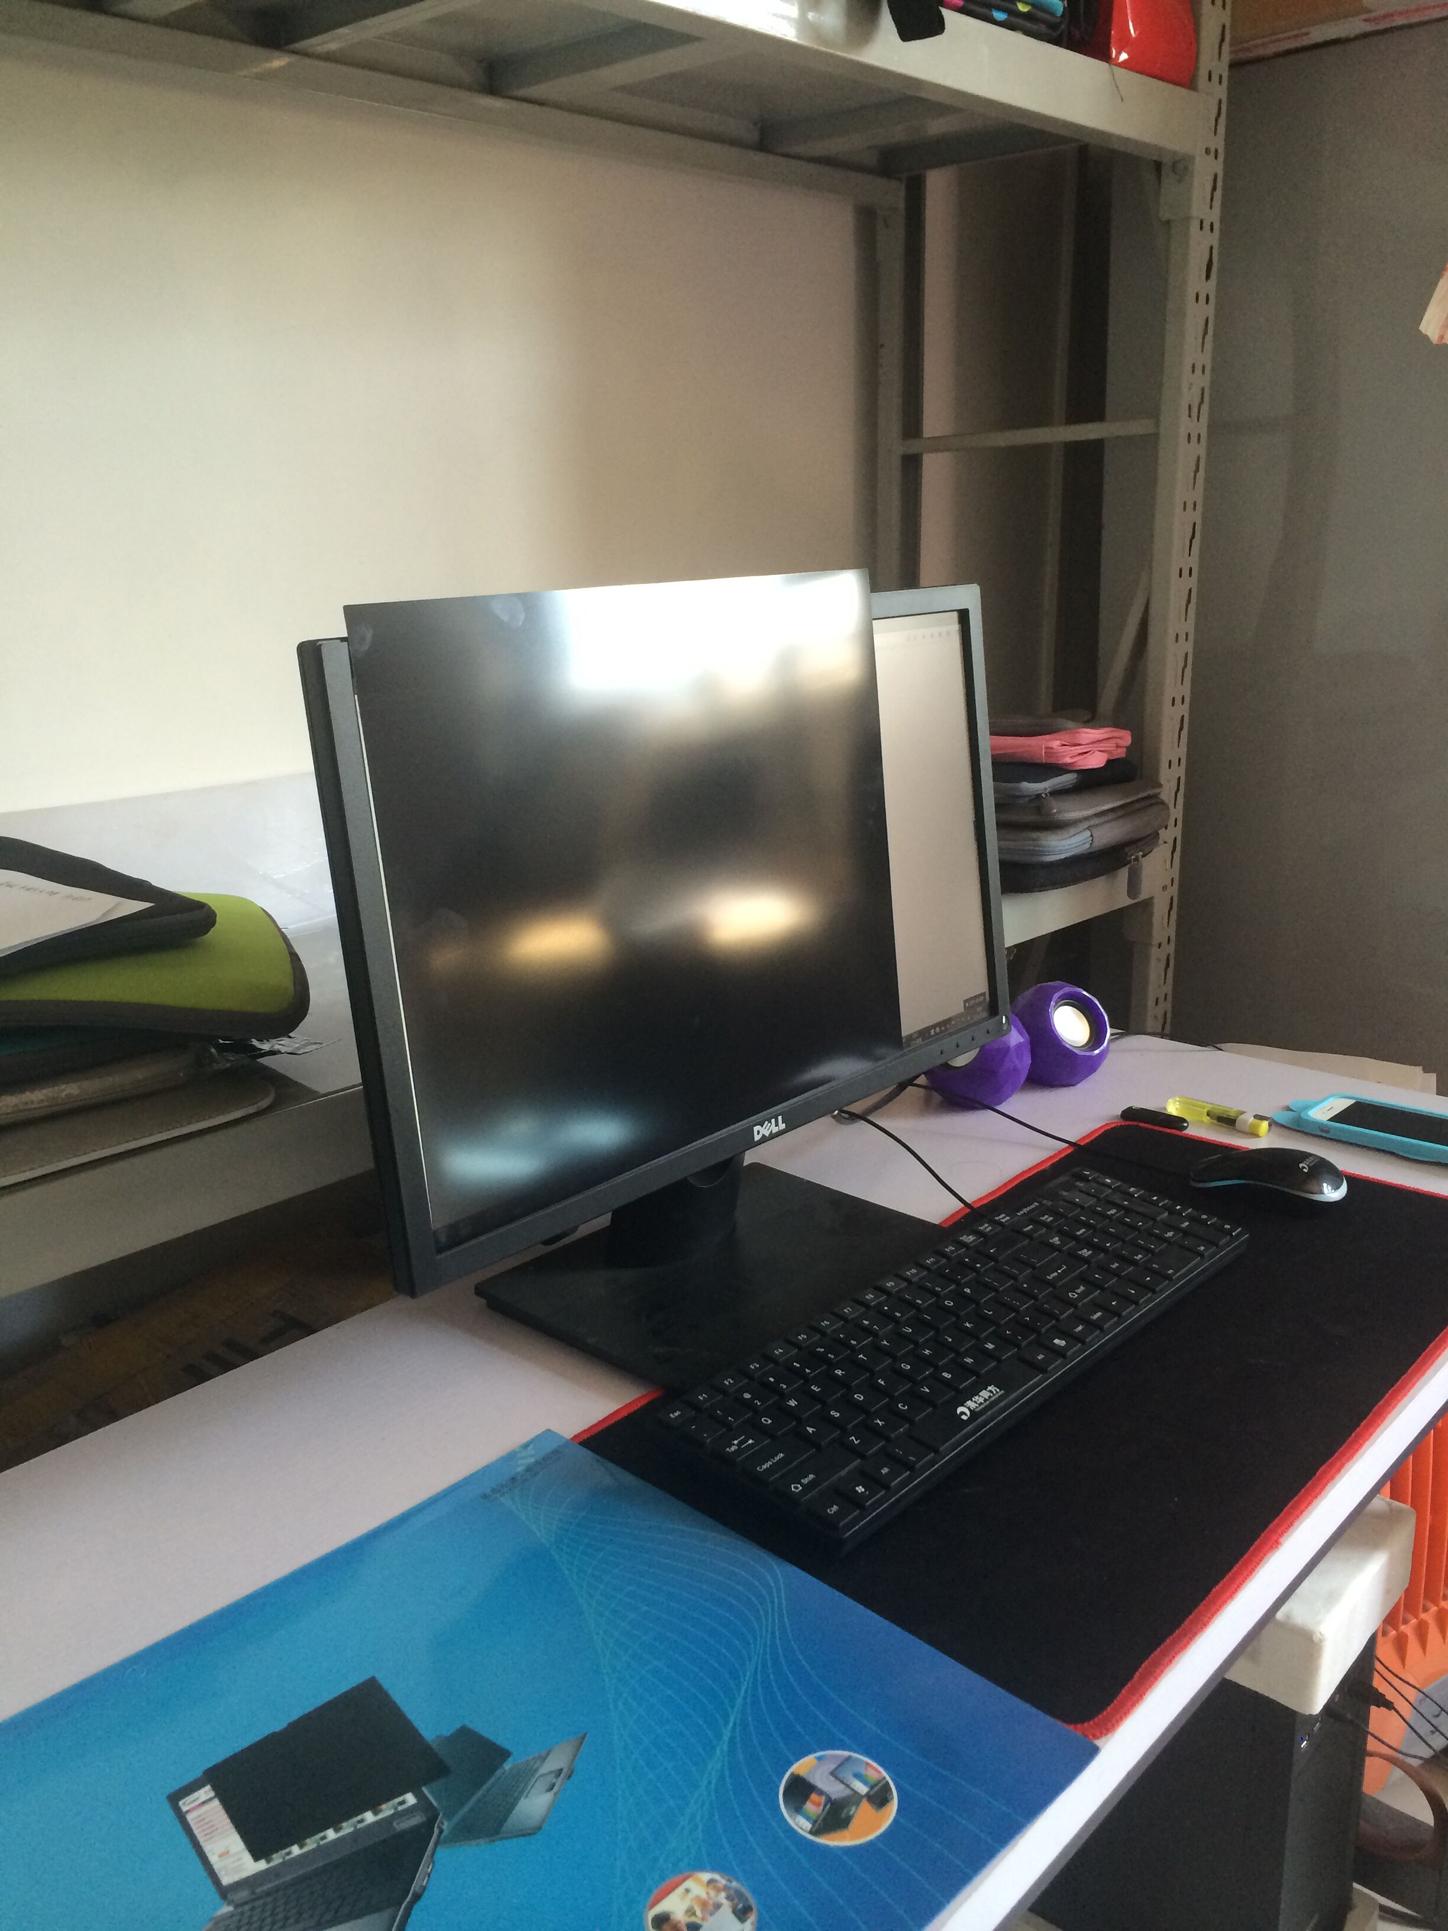 显示器笔记本防偷窥电脑屏幕防窥膜防窥视屏片保护膜12.5/14/19寸